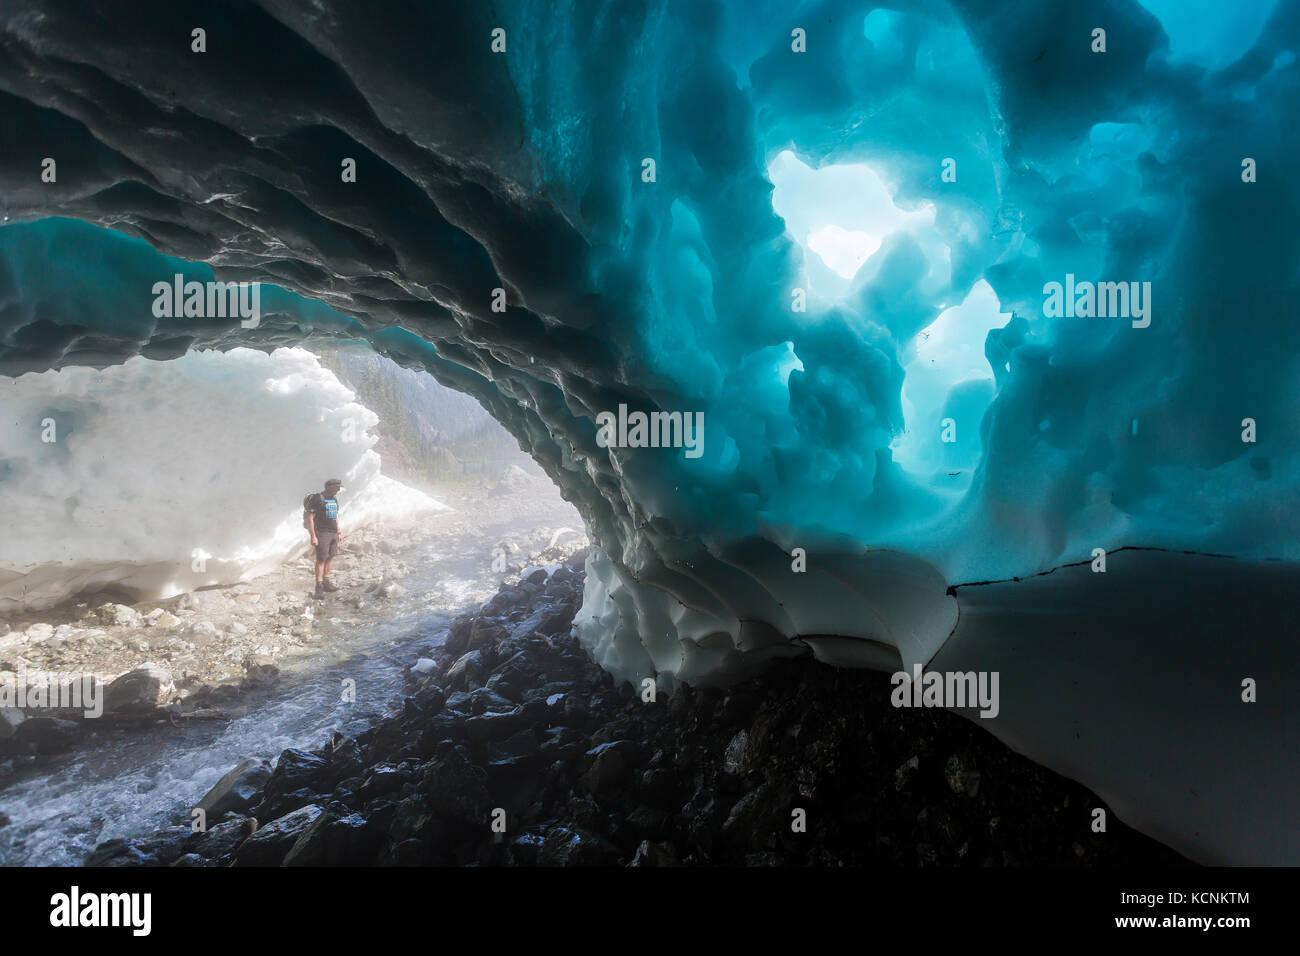 Un randonneur promenades dans une grotte à neige à la base de siècle sam lake, le parc Strathcona, Photo Stock